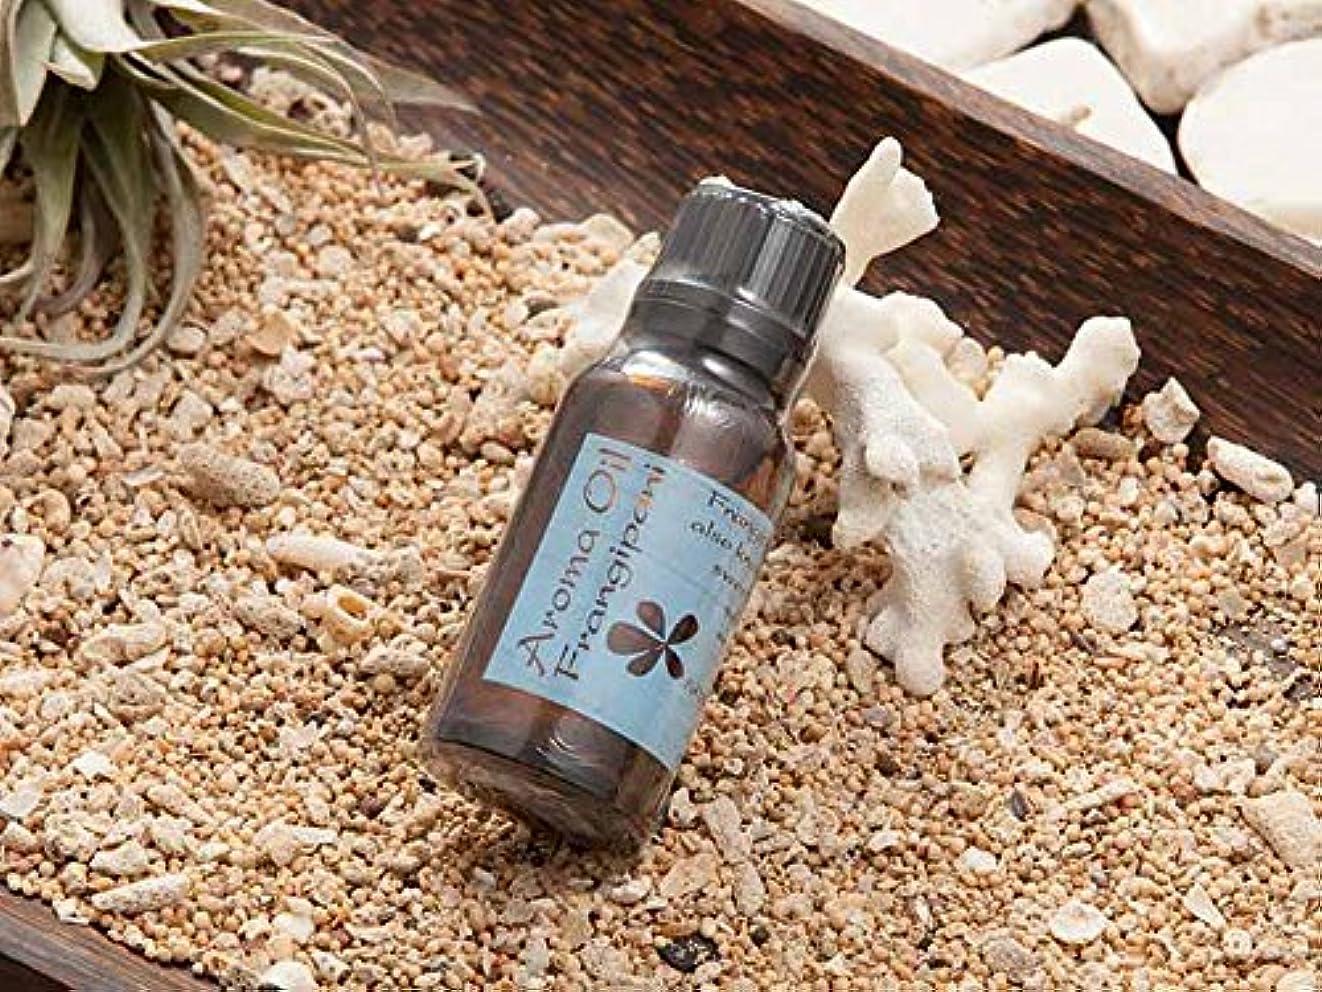 巨大透けて見える傷つきやすい寛ぎのひと時にアジアンな癒しの香りを アロマフレグランスオイル 5種の香り (アラムセンポールALAM ZEMPOL) (Frangipani フランジパニ)